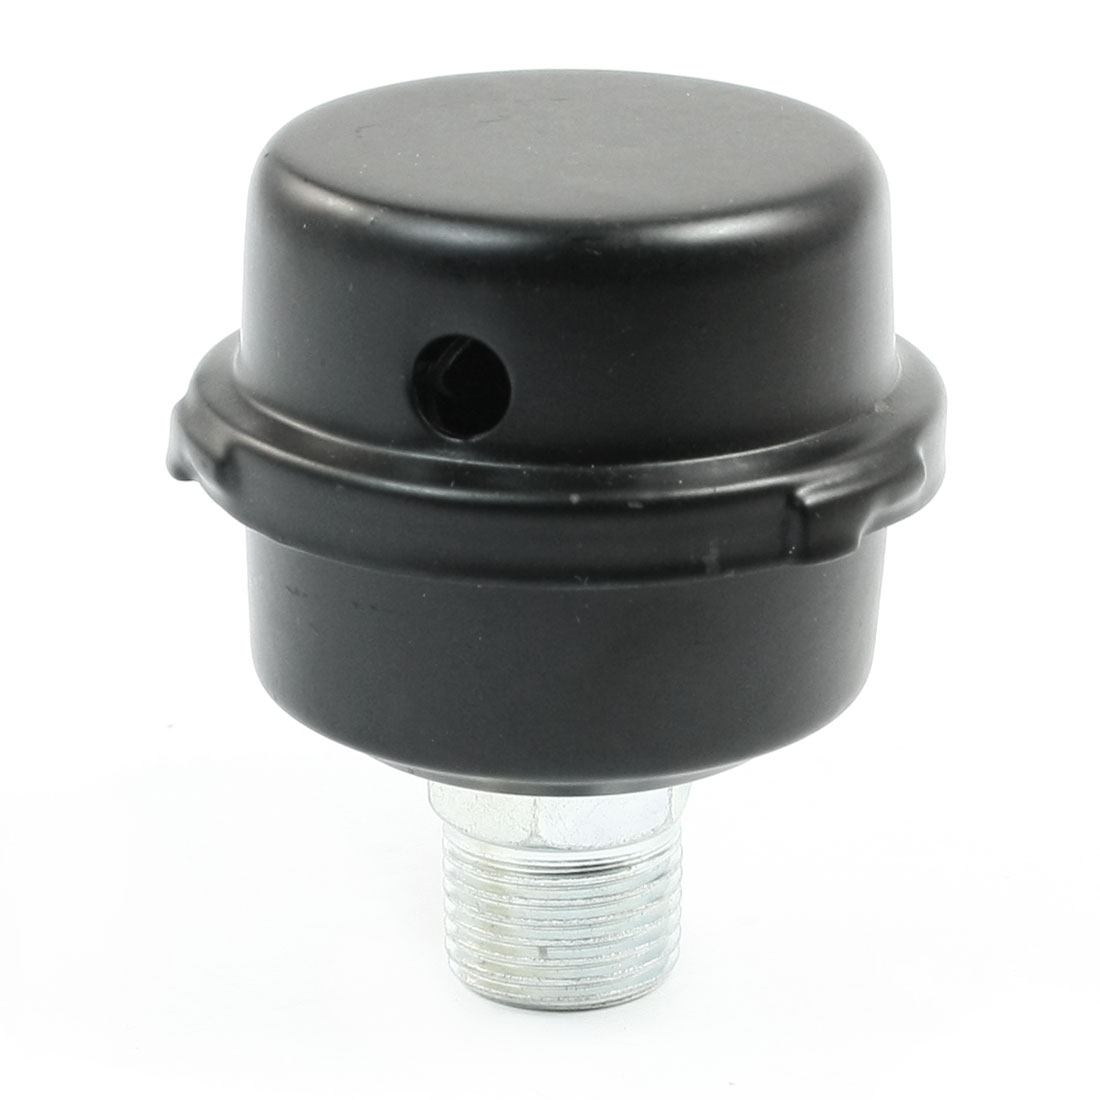 1/2BSP Male Thread Admitting Port Air Compressor Muffler Filter